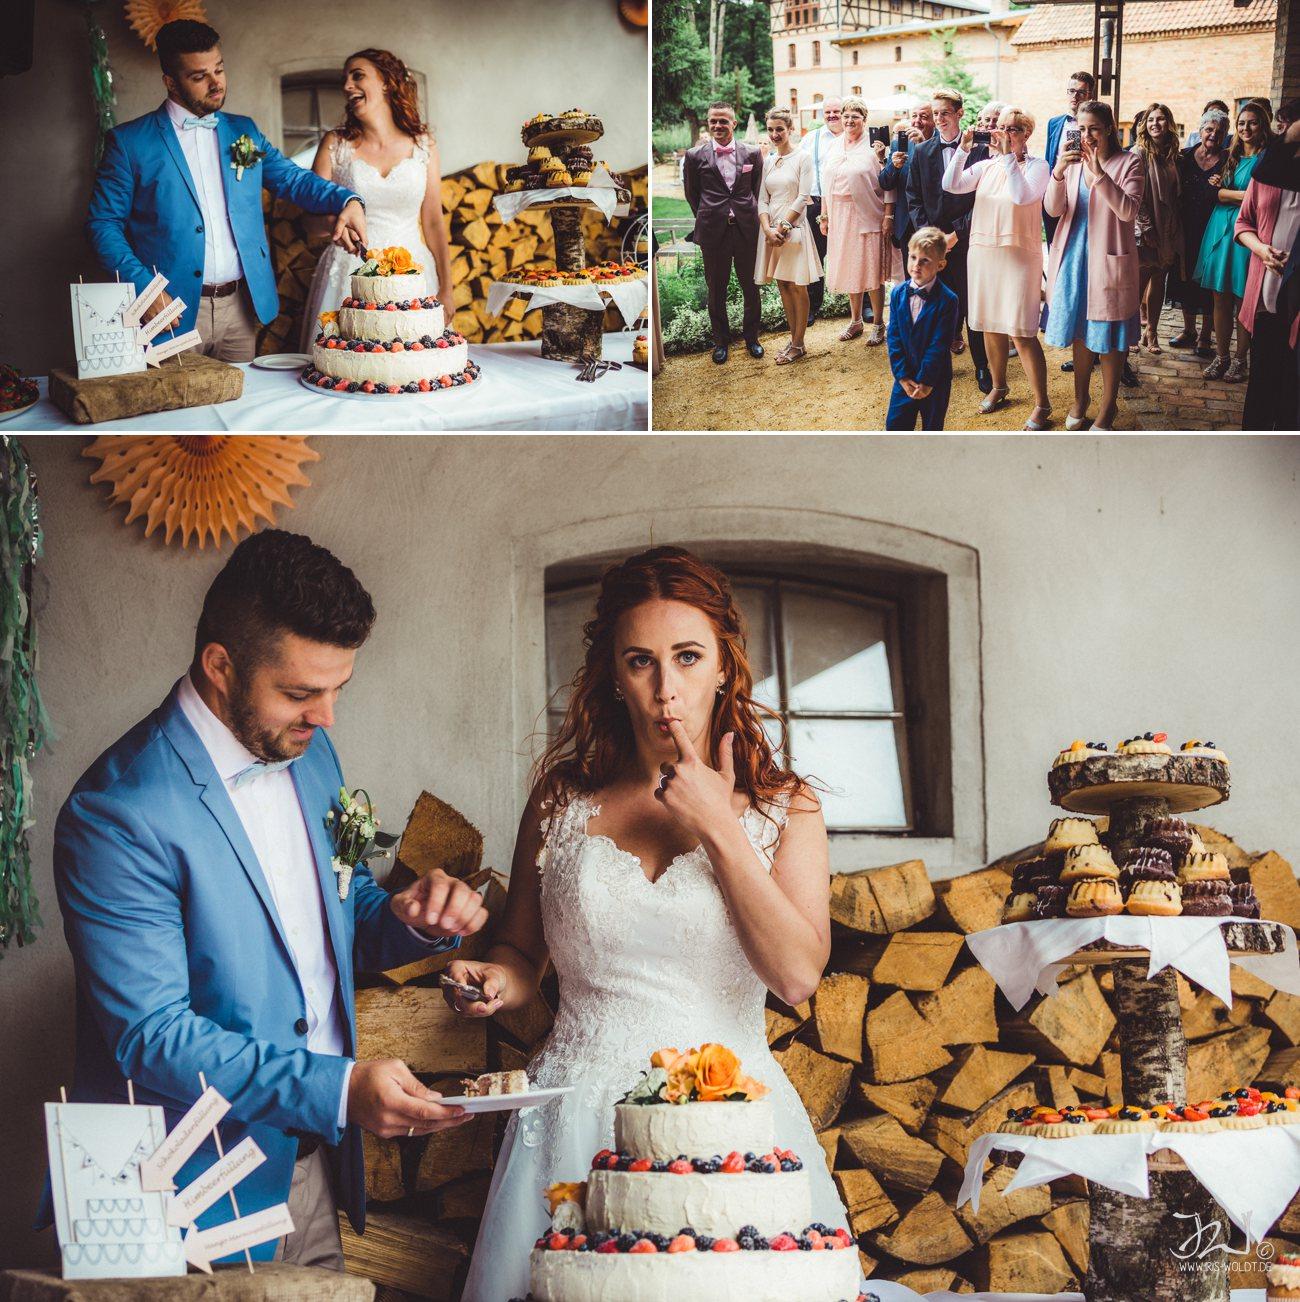 Hochzeitsfotograf_Altthymen_MuehleTornow_IrisWoldt 59